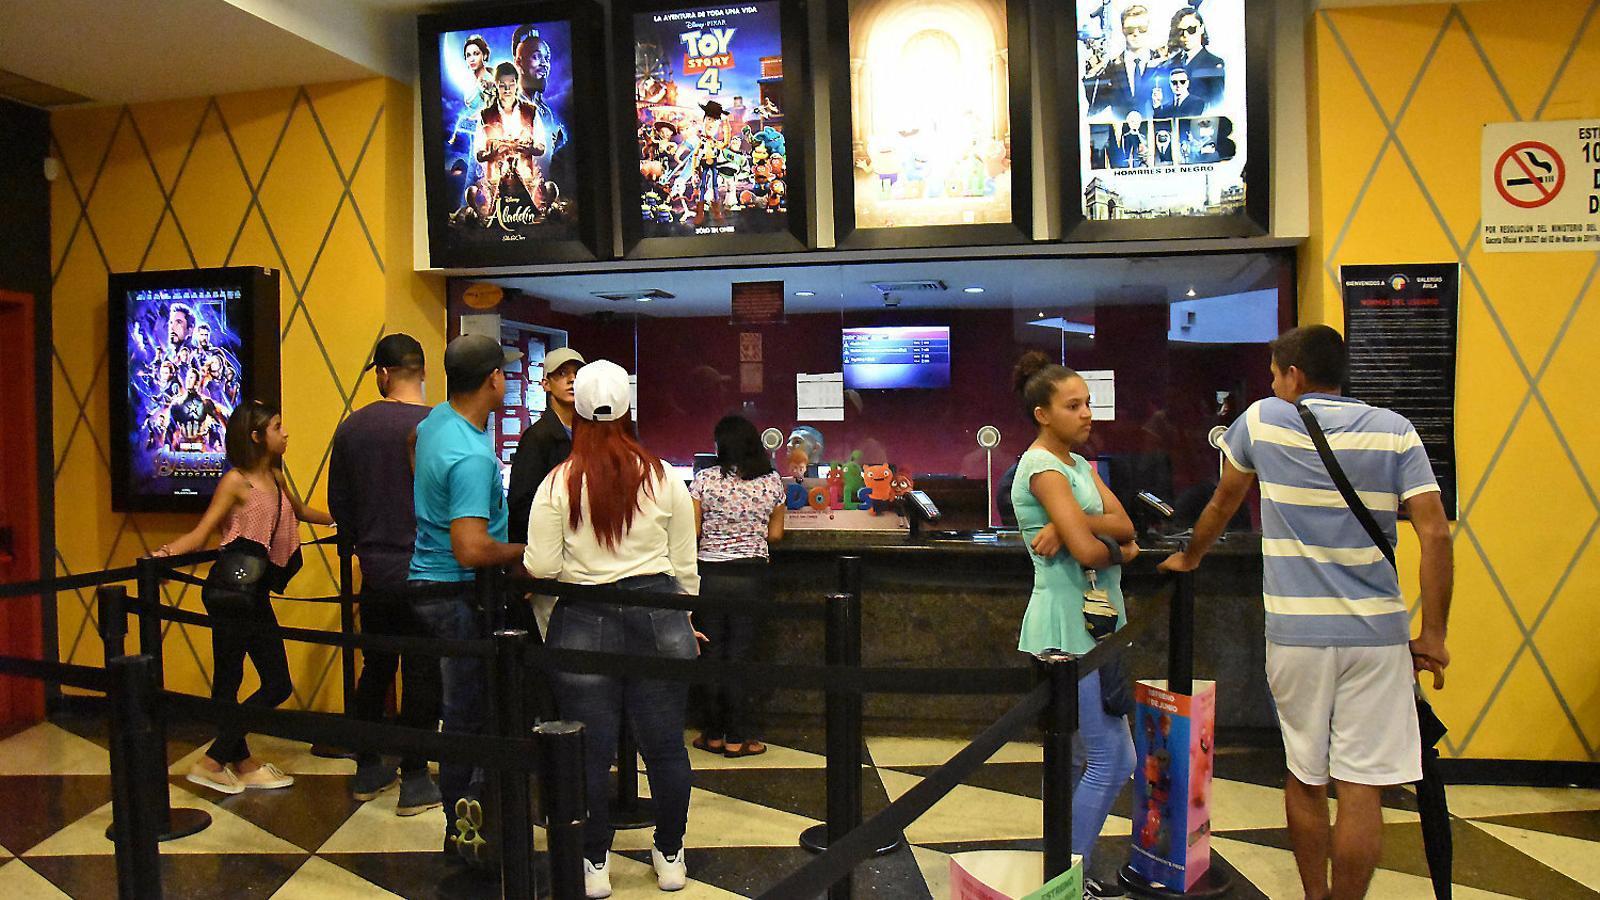 Cine, cases d'apostes i alcohol a Veneçuela